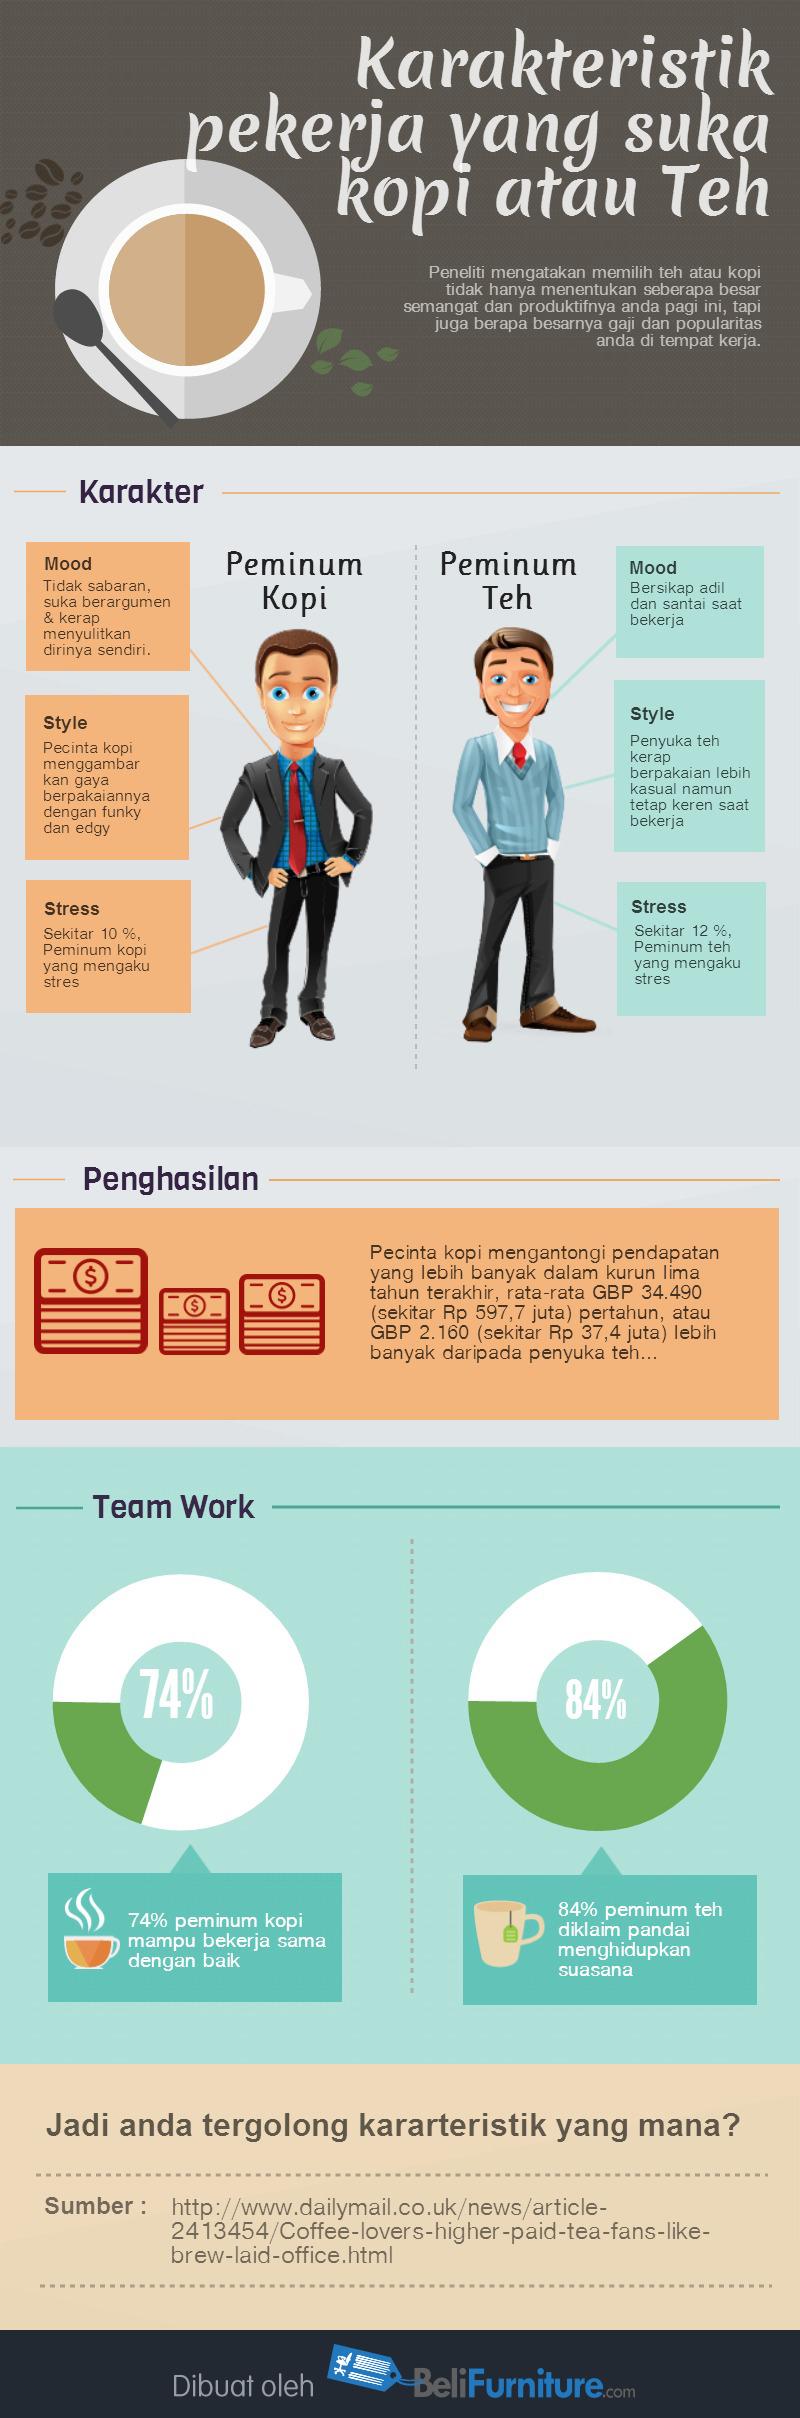 infografik, Infografik Perbandingan Menarik Antara Karyawan Pecinta Kopi dan Teh